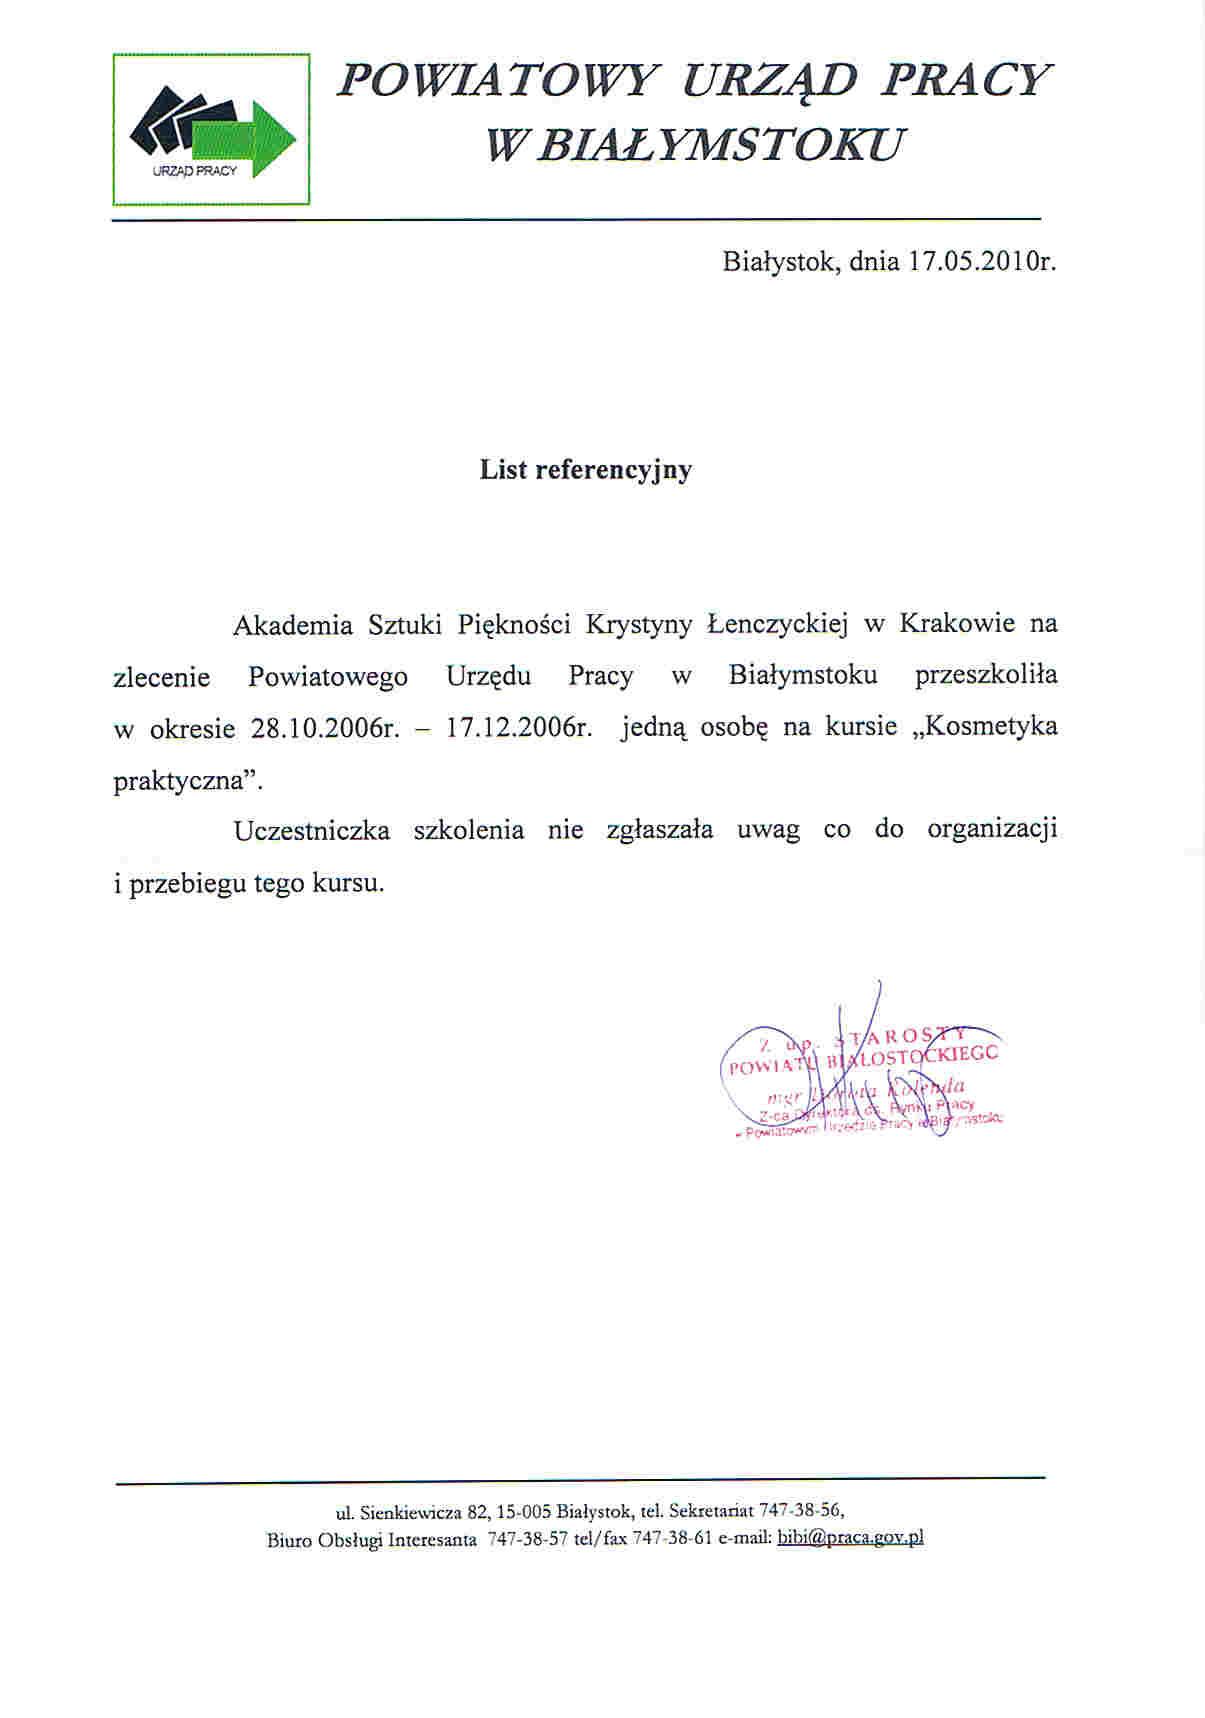 Powiatowy Urząd Pracy w Białymstoku-Białystok